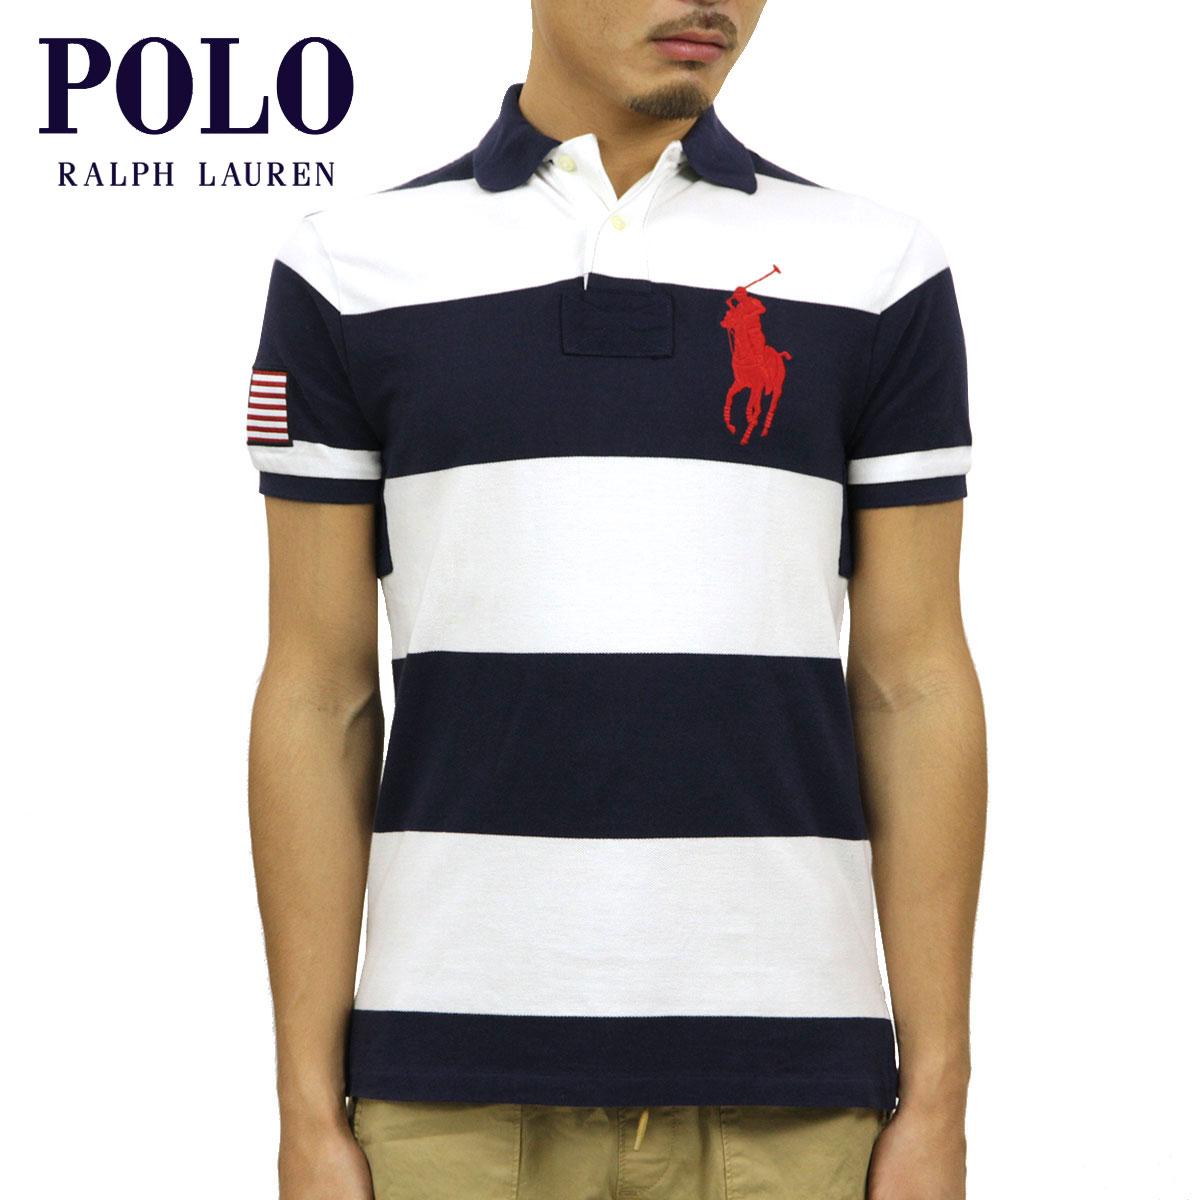 ポロ ラルフローレン POLO RALPH LAUREN 正規品 メンズ ポロシャツ BIG PONY STRIPE POLO D00S20